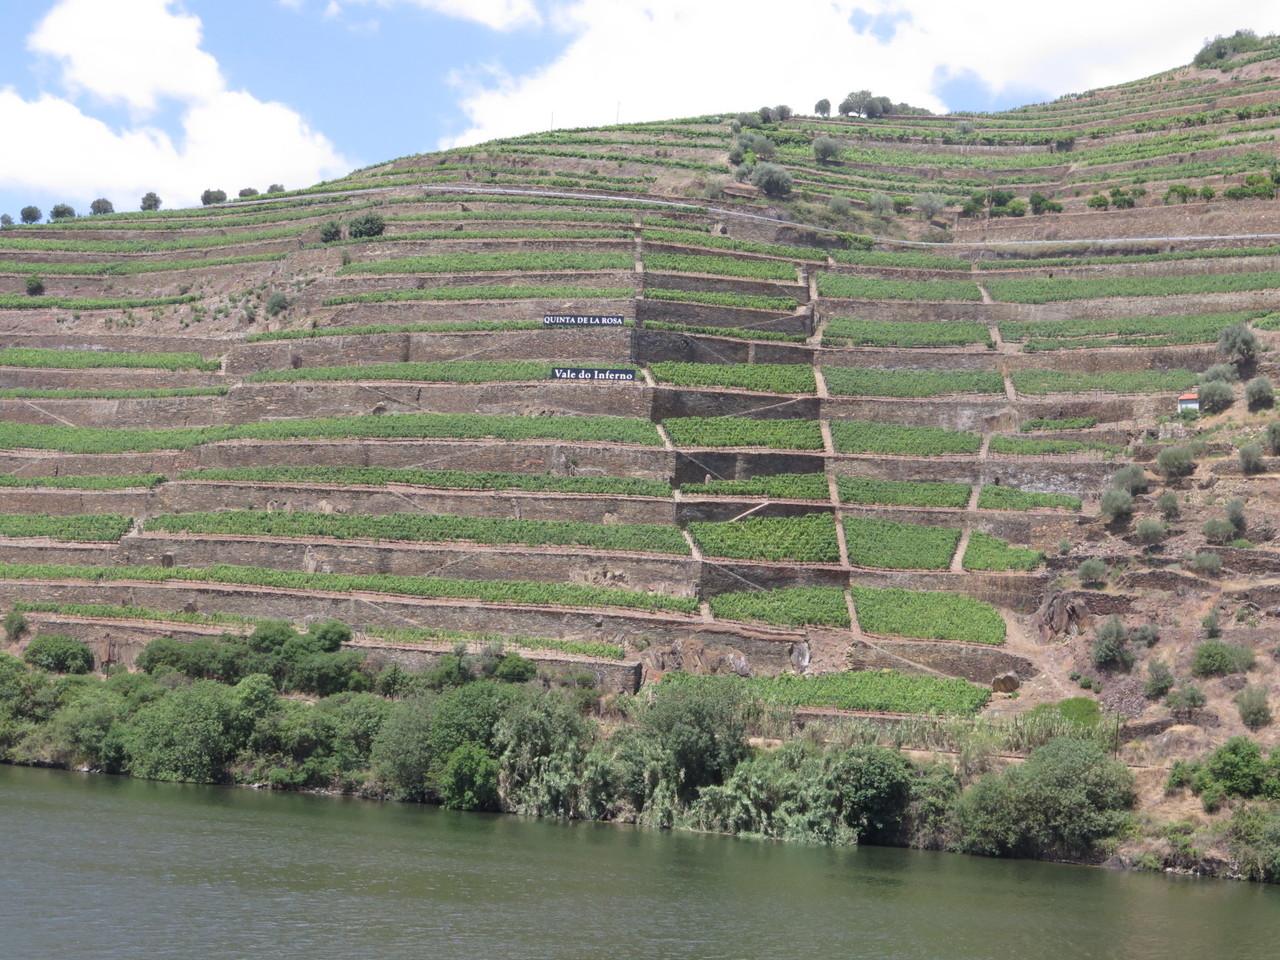 A mítica vinha Vale do Inferno da Quinta de la Rosa